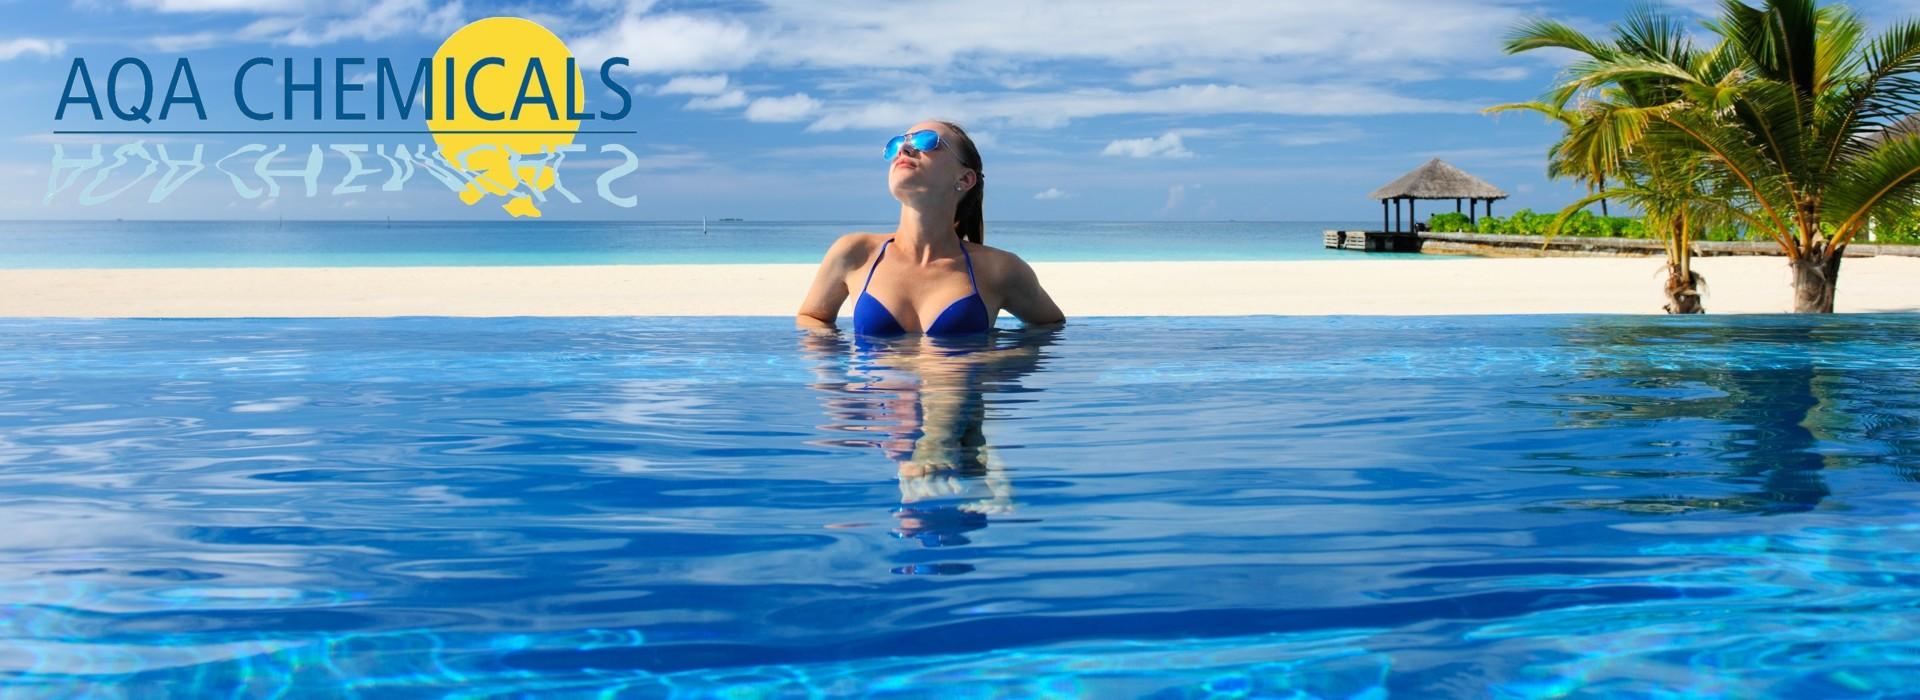 Amplia gama de productos para el tratamiento del agua de piscinas y spas, con el mayor nivel de calidad.